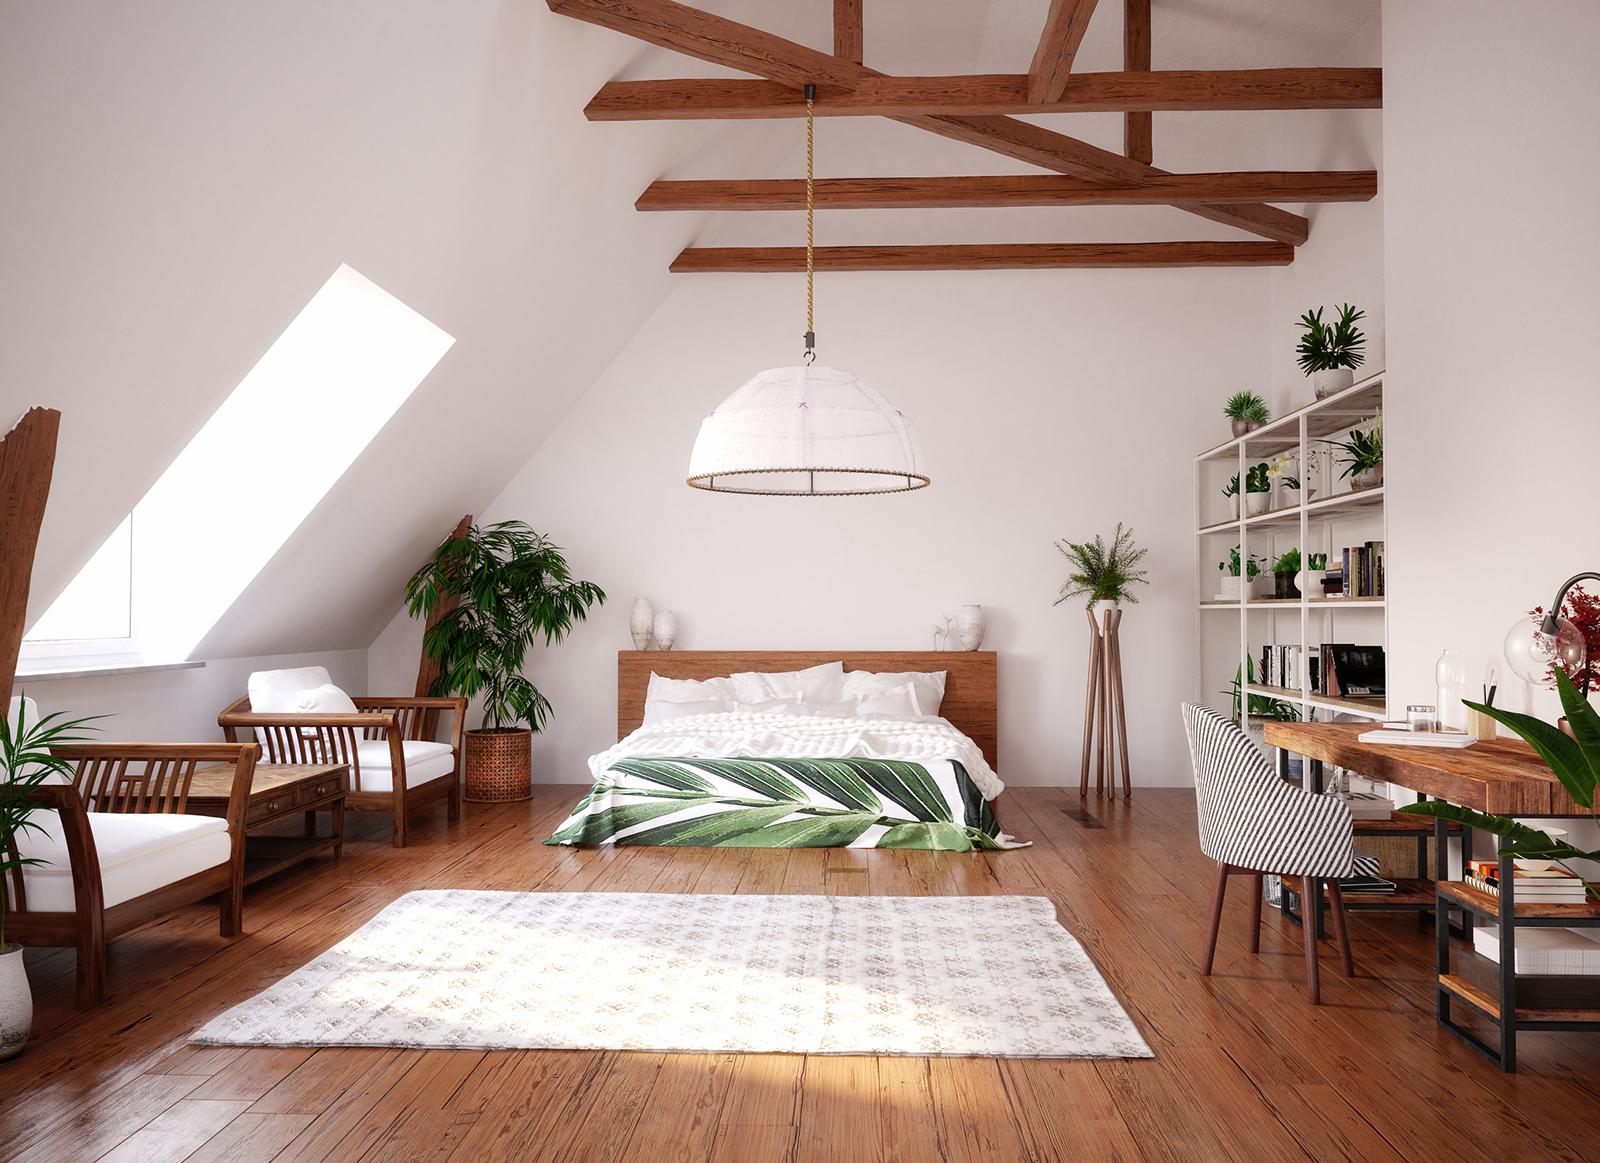 Charakterstark: Die freiliegenden Holzbalken im firsthohen Raum sorgen für eine besondere Atmosphäre.